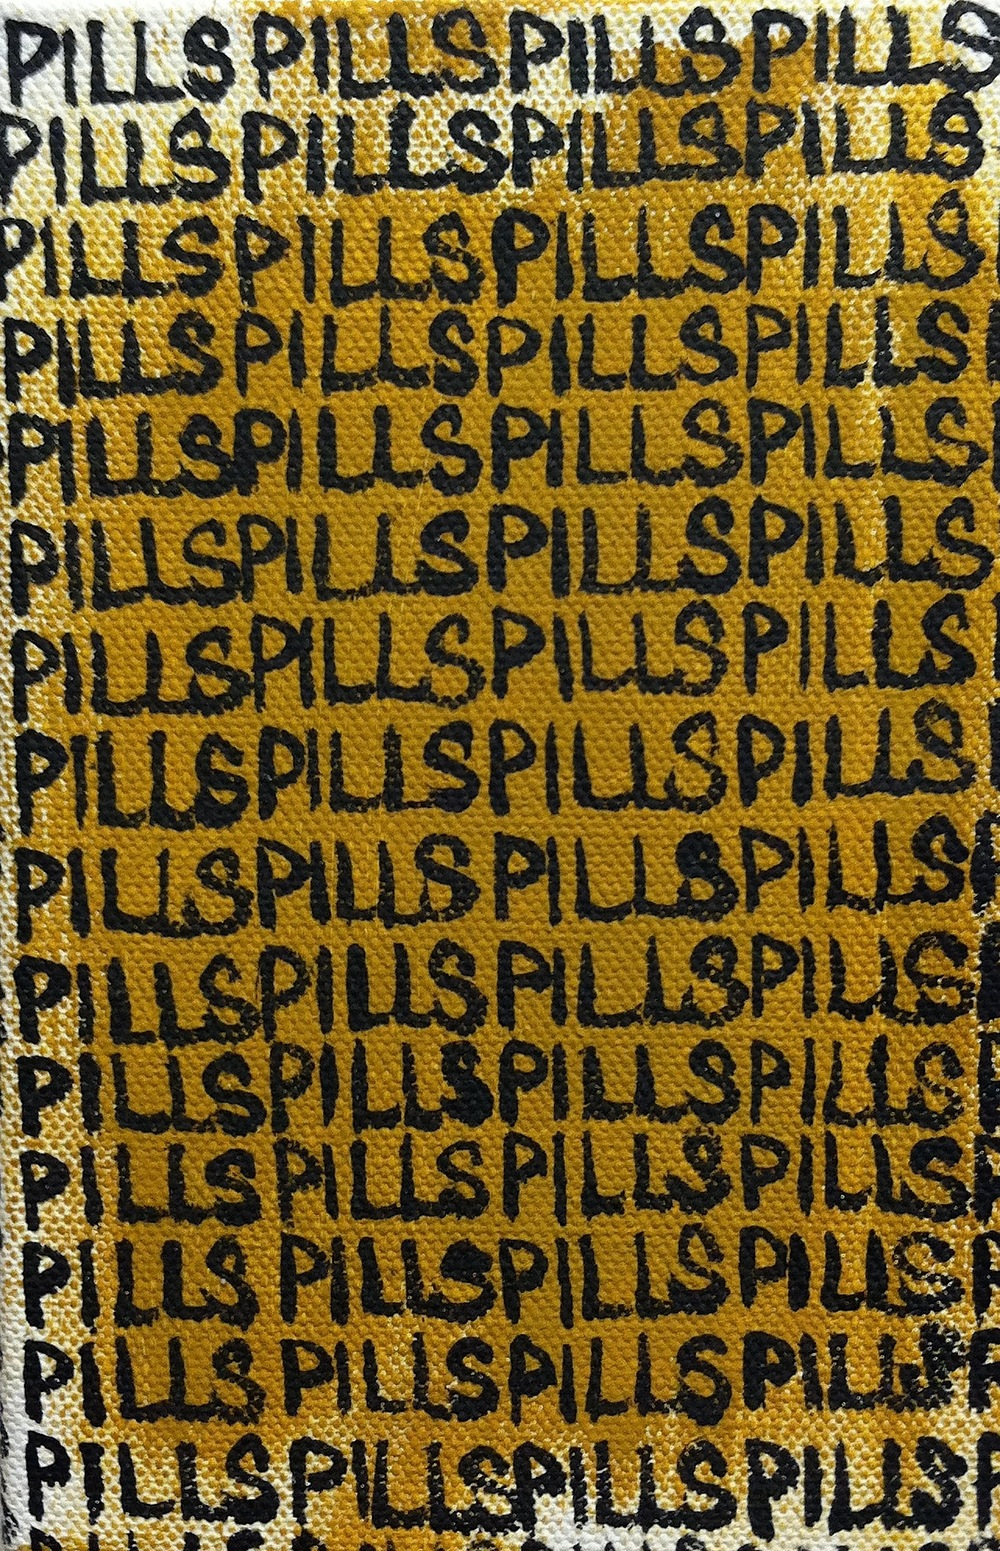 Pills 2013